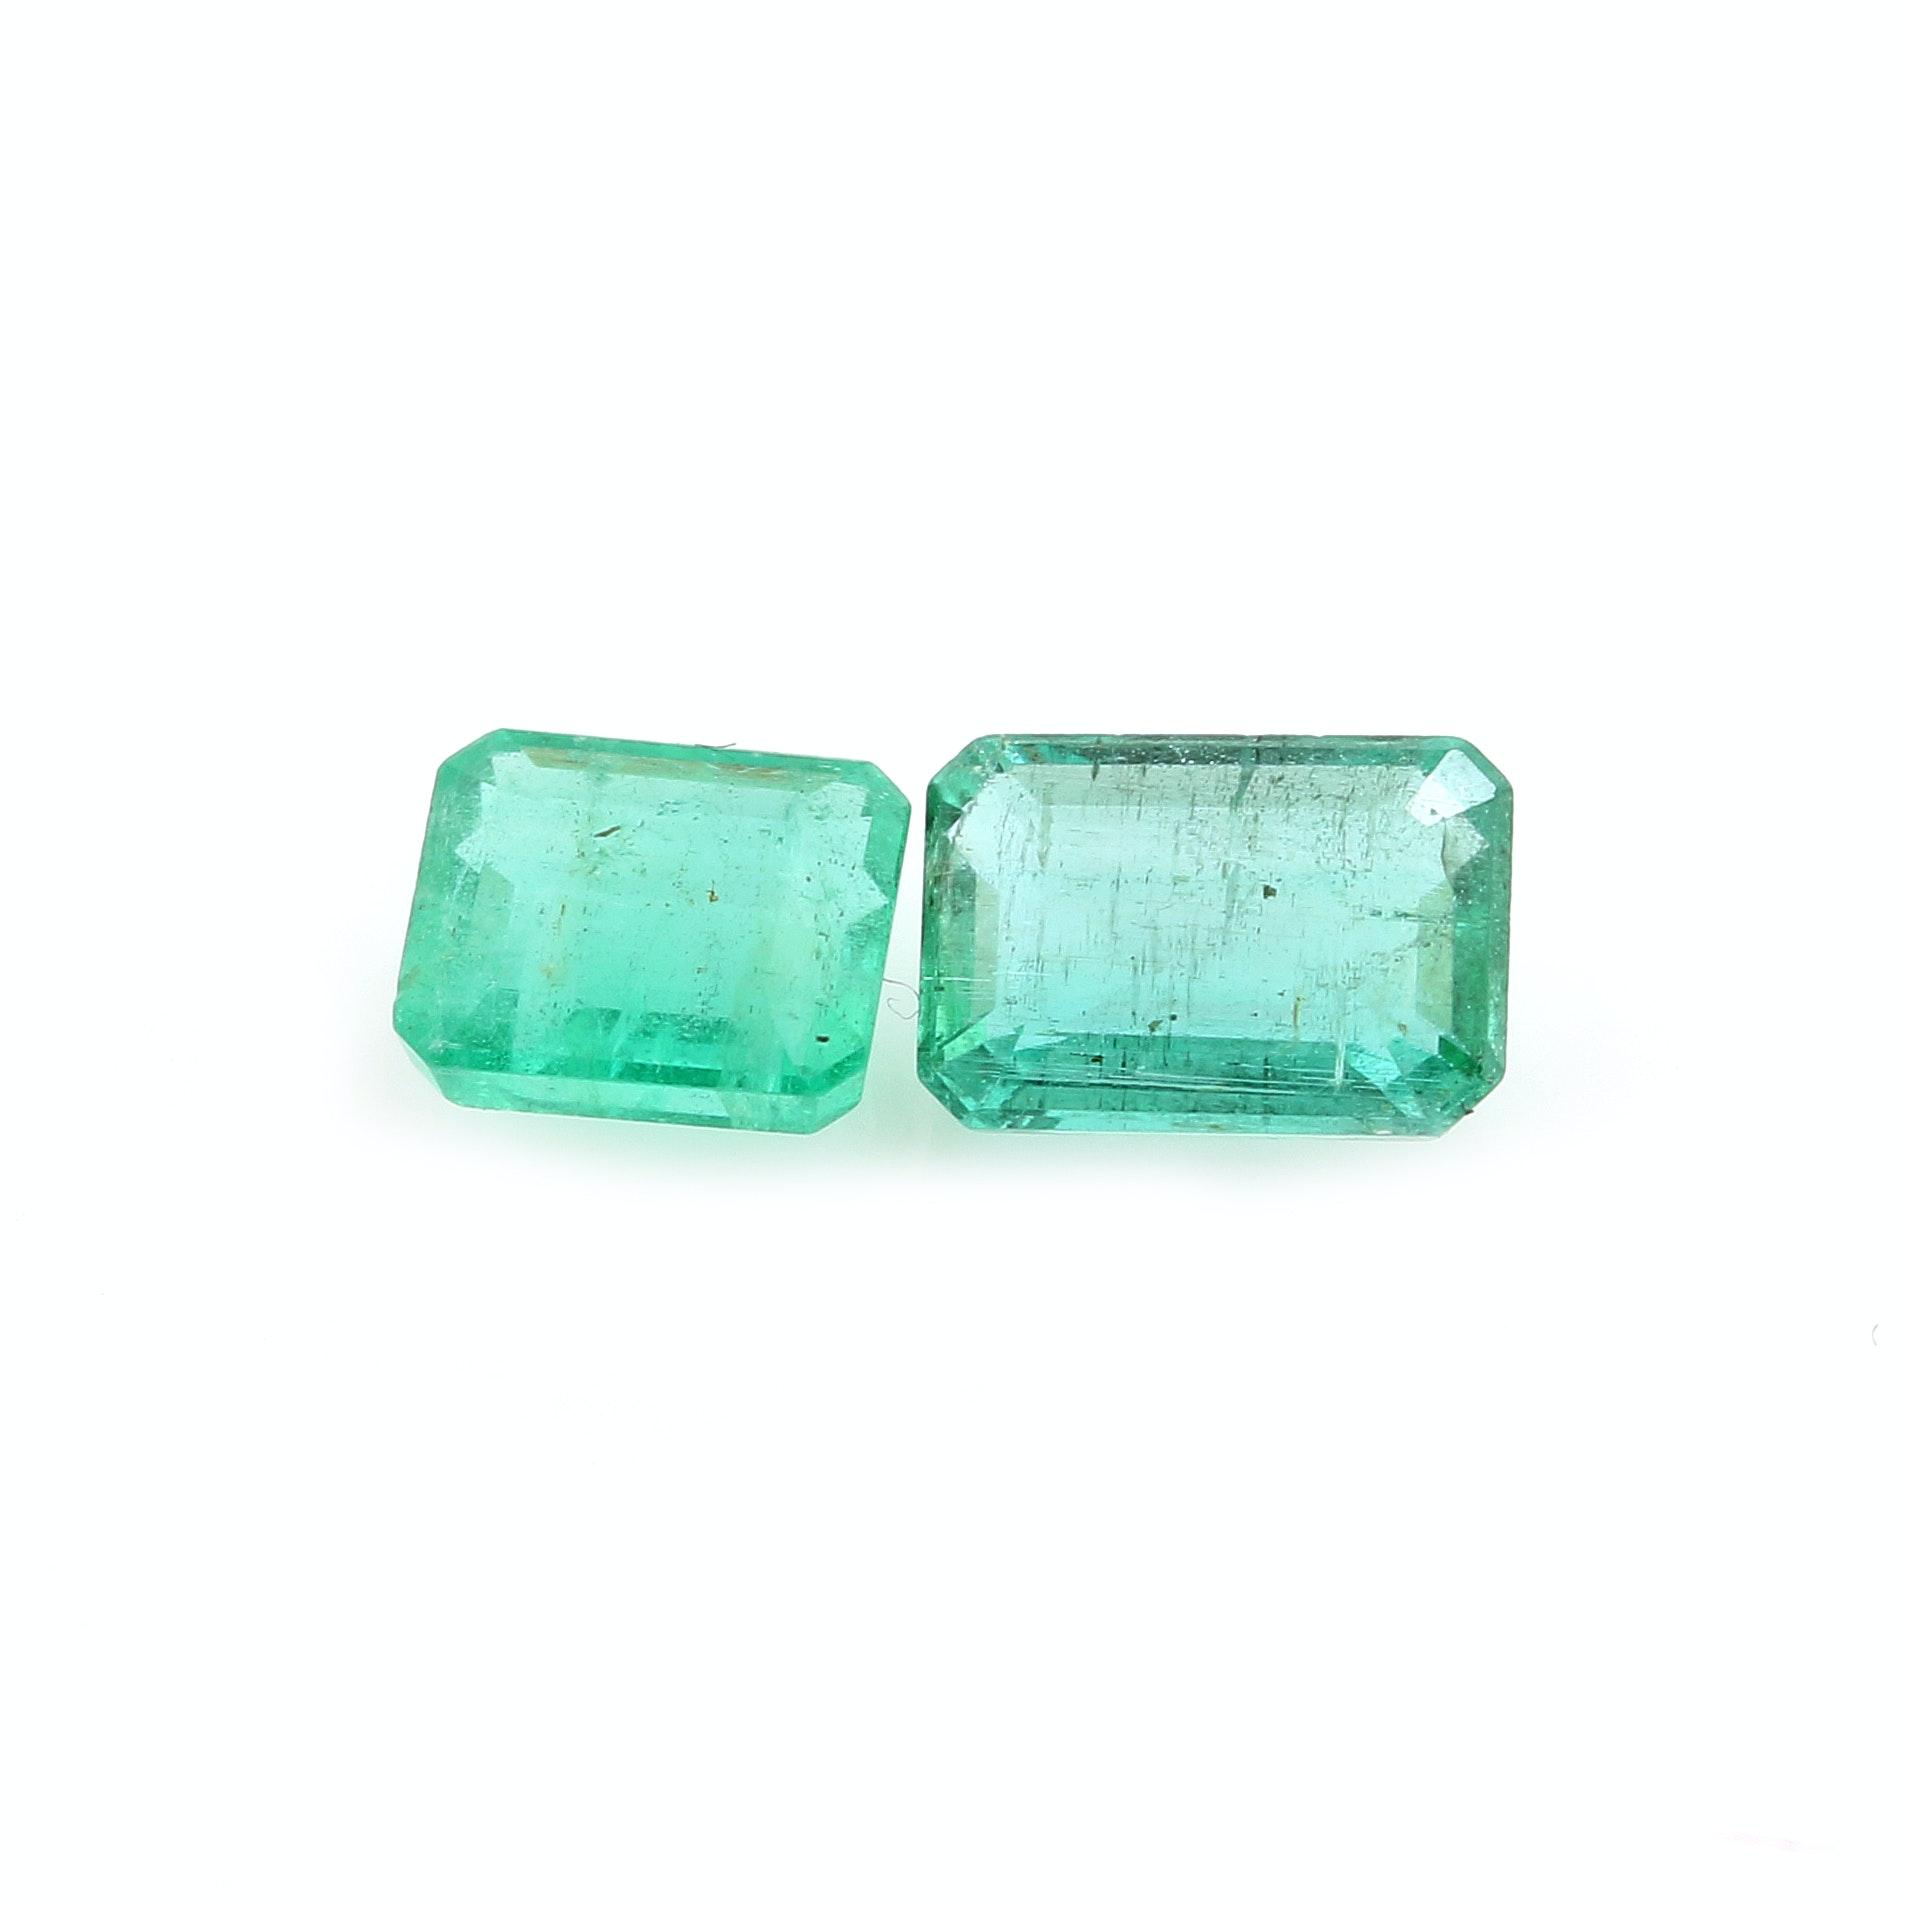 Pair of Loose 1.32 CTW Emeralds